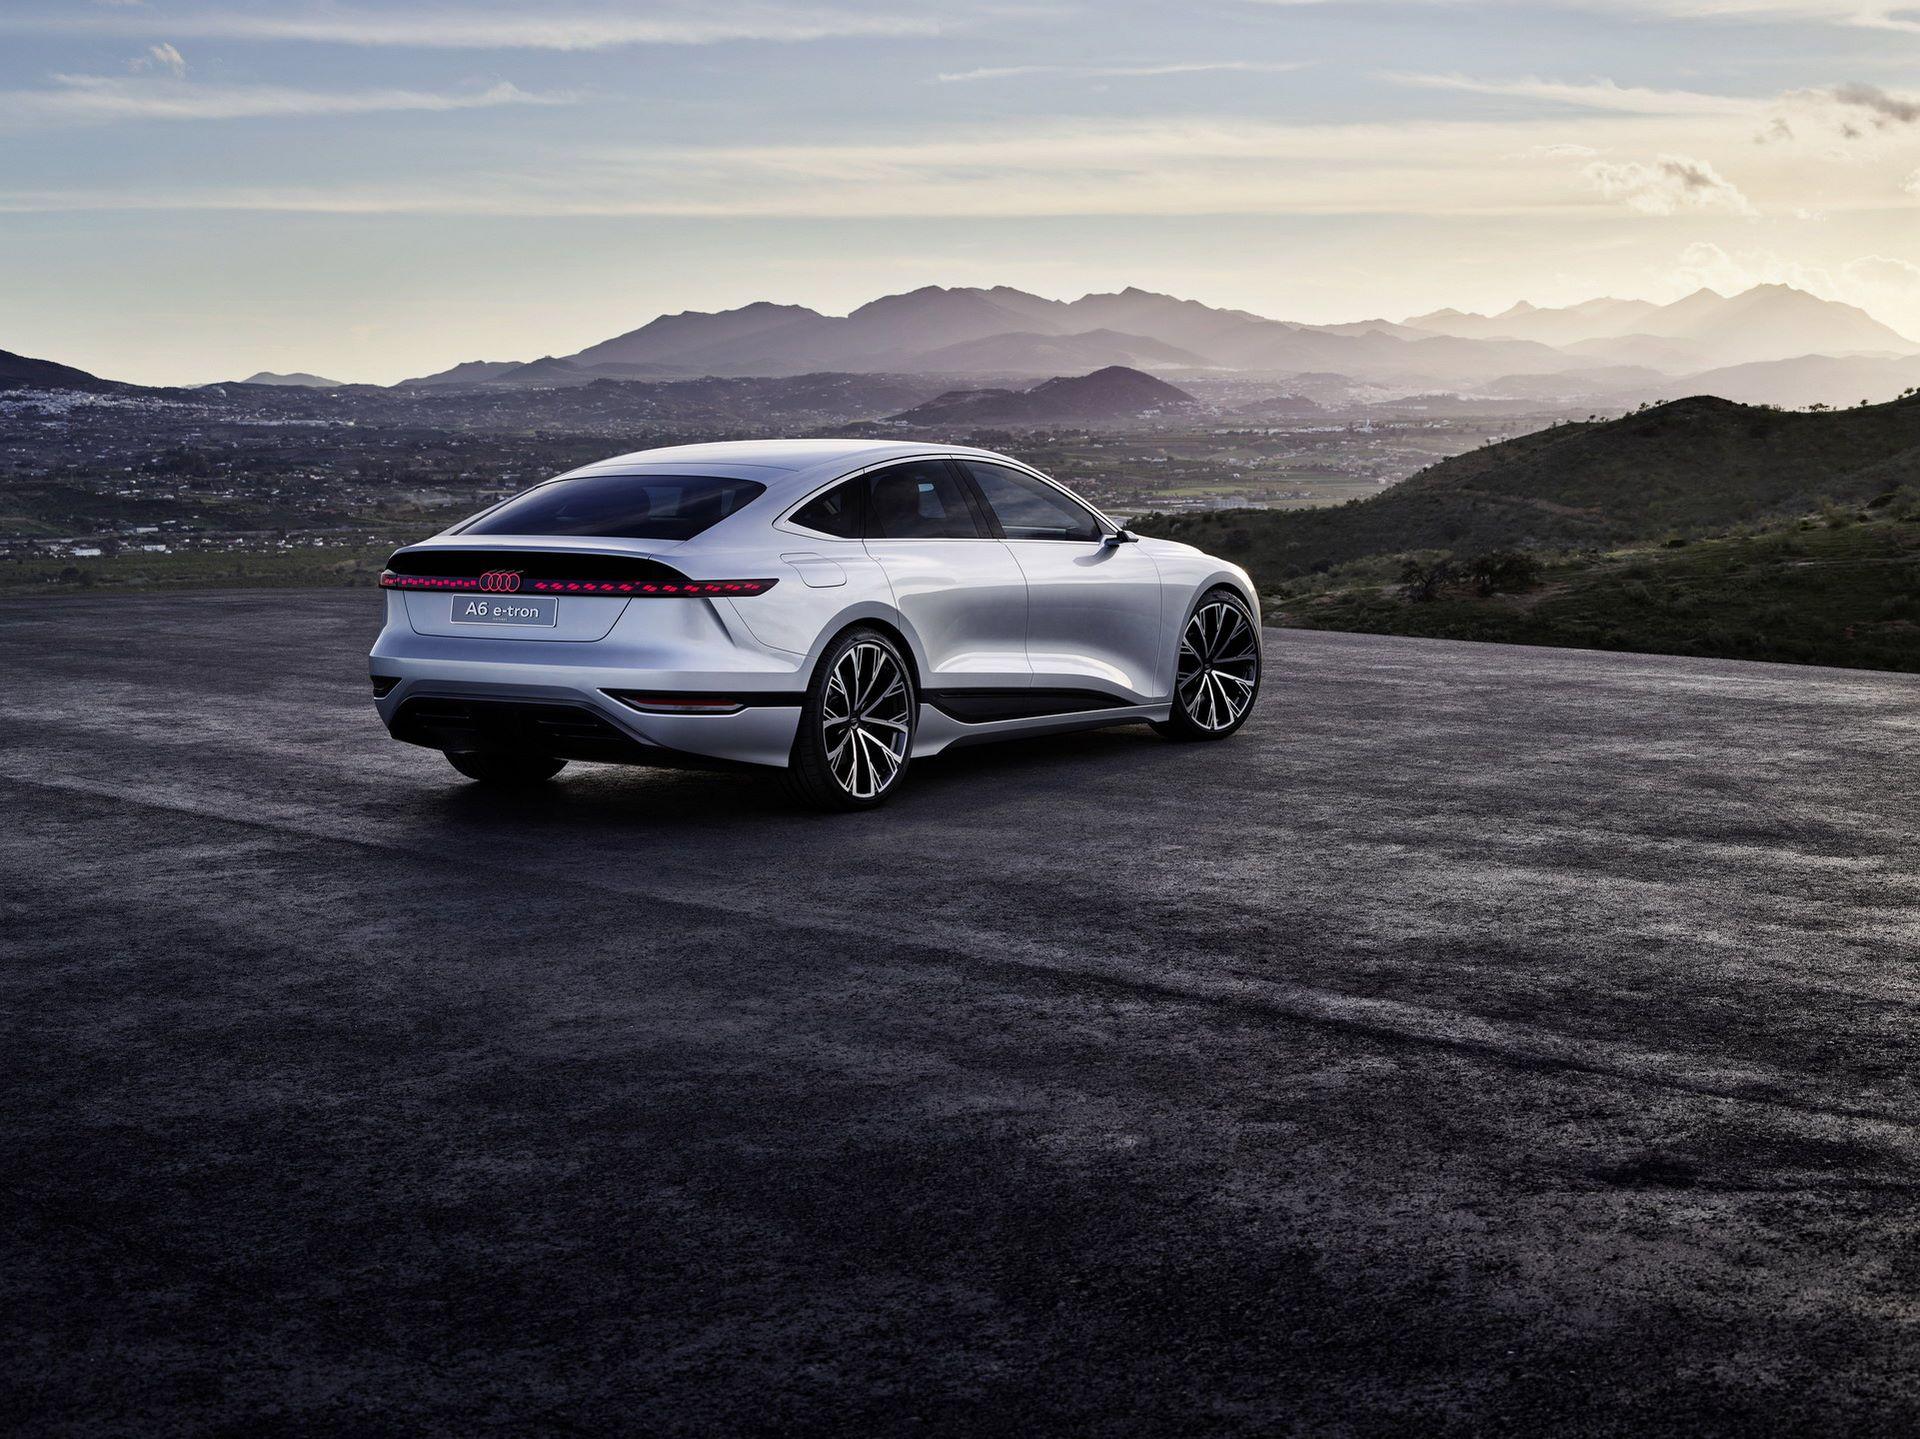 Audi-A6-e-tron-concept-9